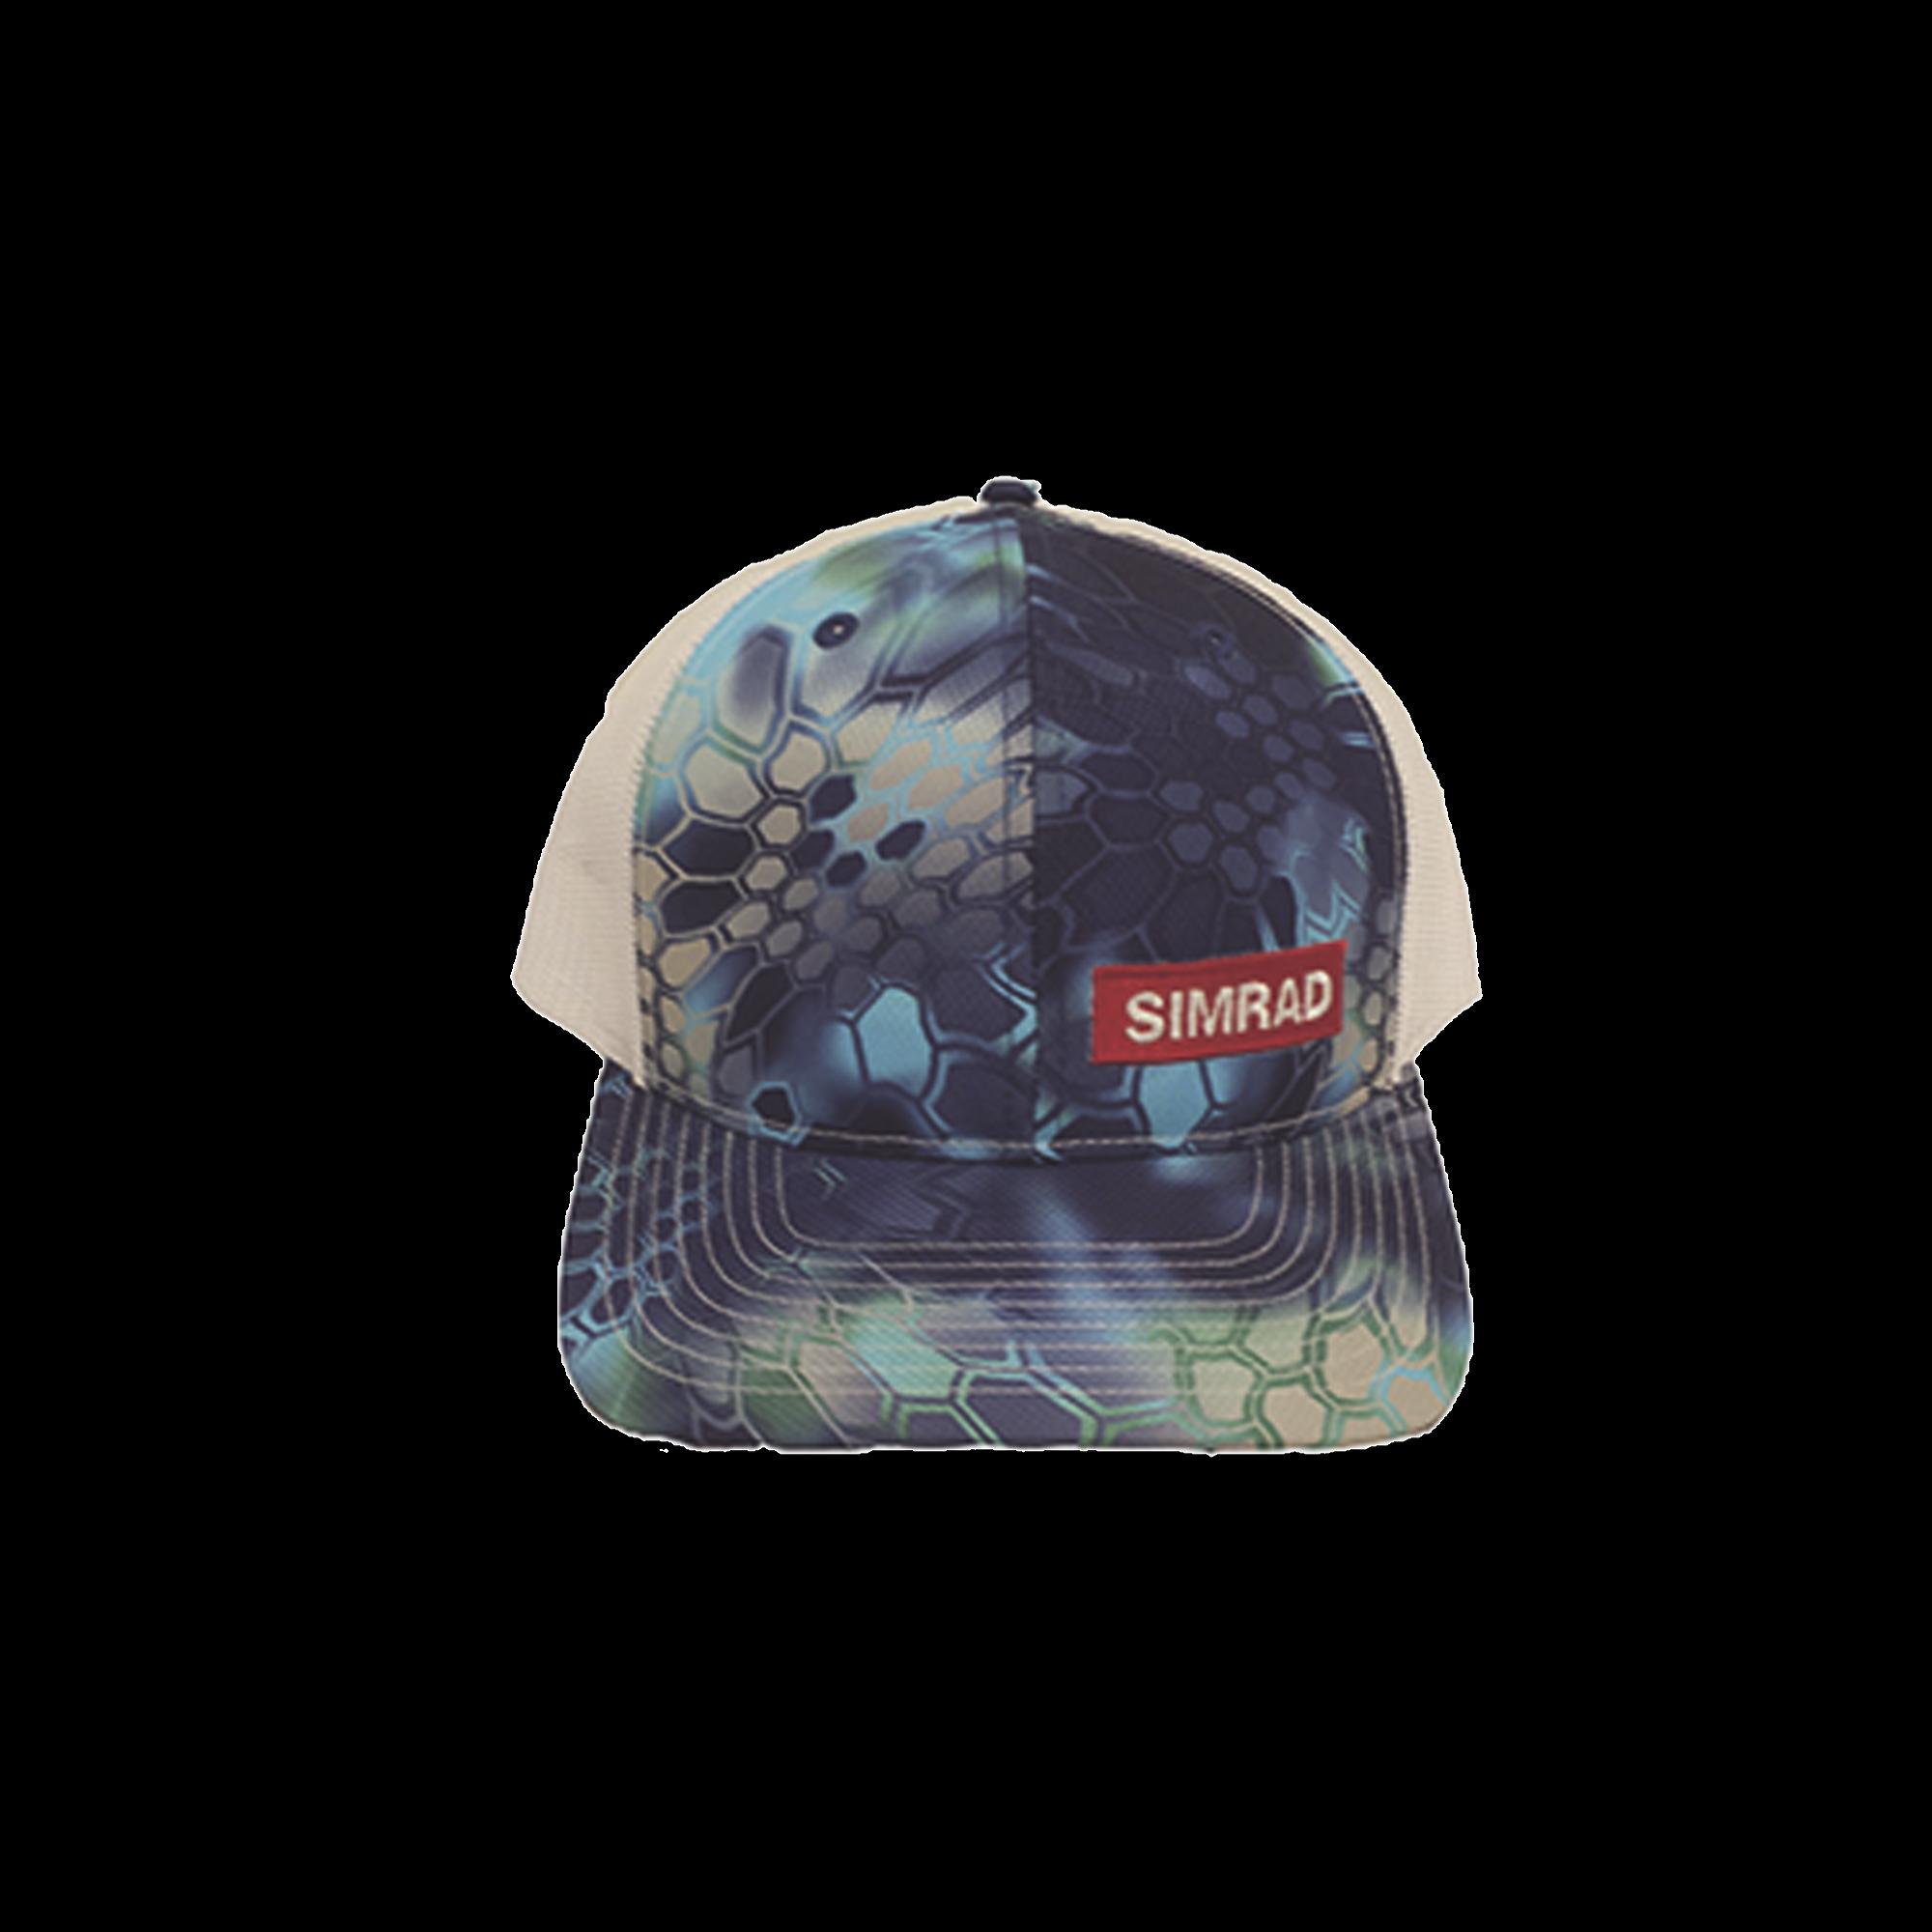 Gorra color azul y blanco con logo simrad